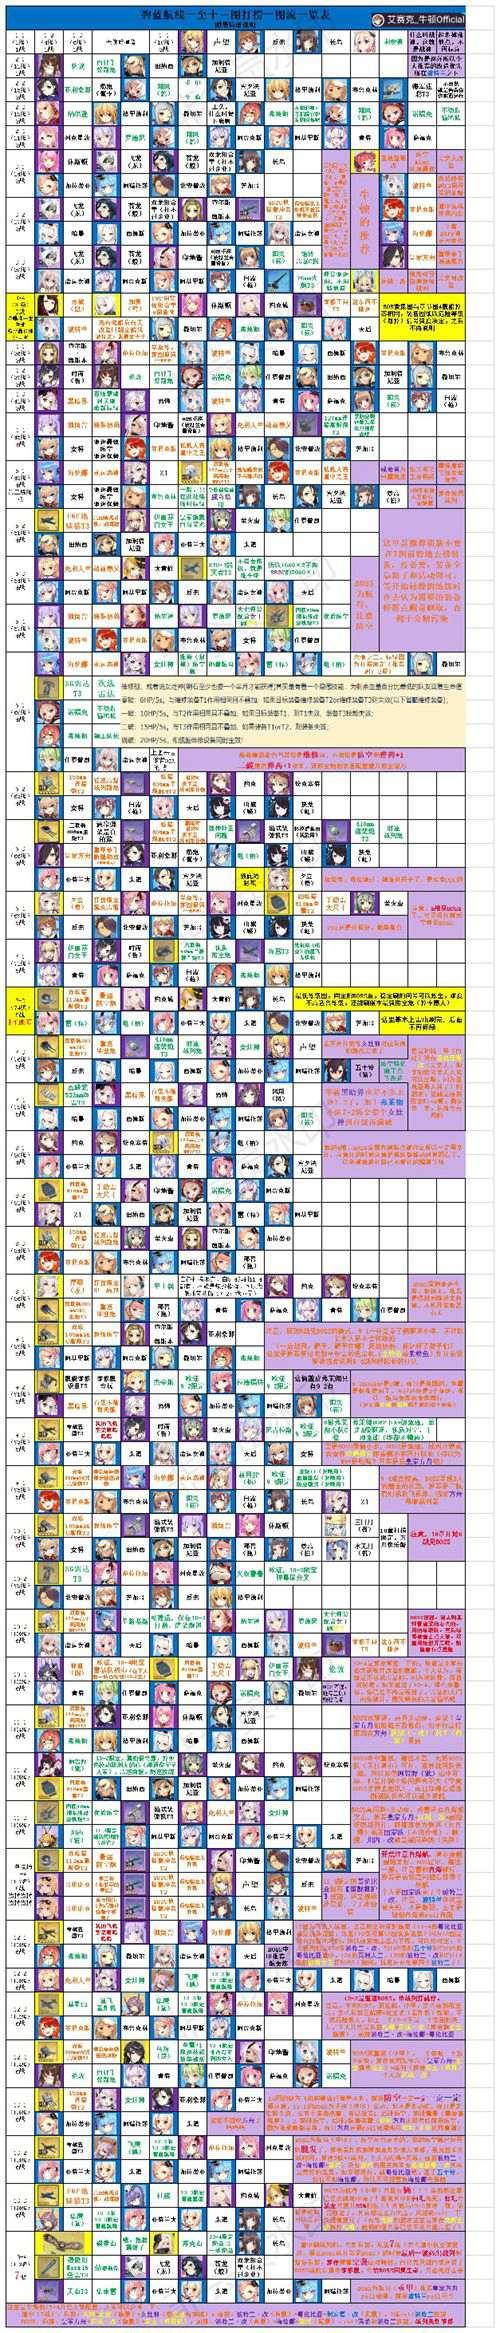 碧蓝航线捞船图表一览 加入图_WWW.66152.COM